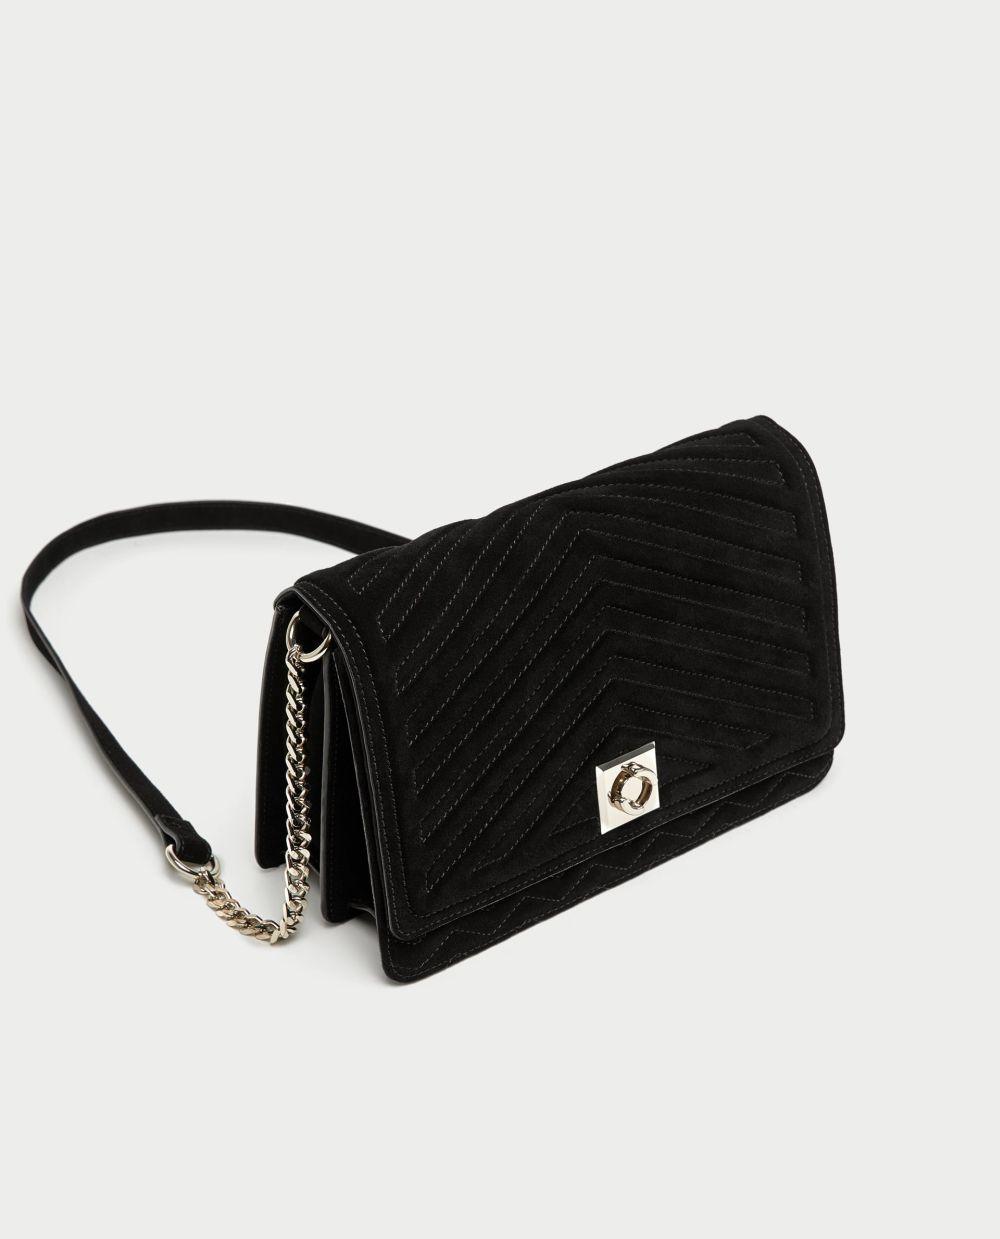 Bolso serraje de Zara (39,99 euros)